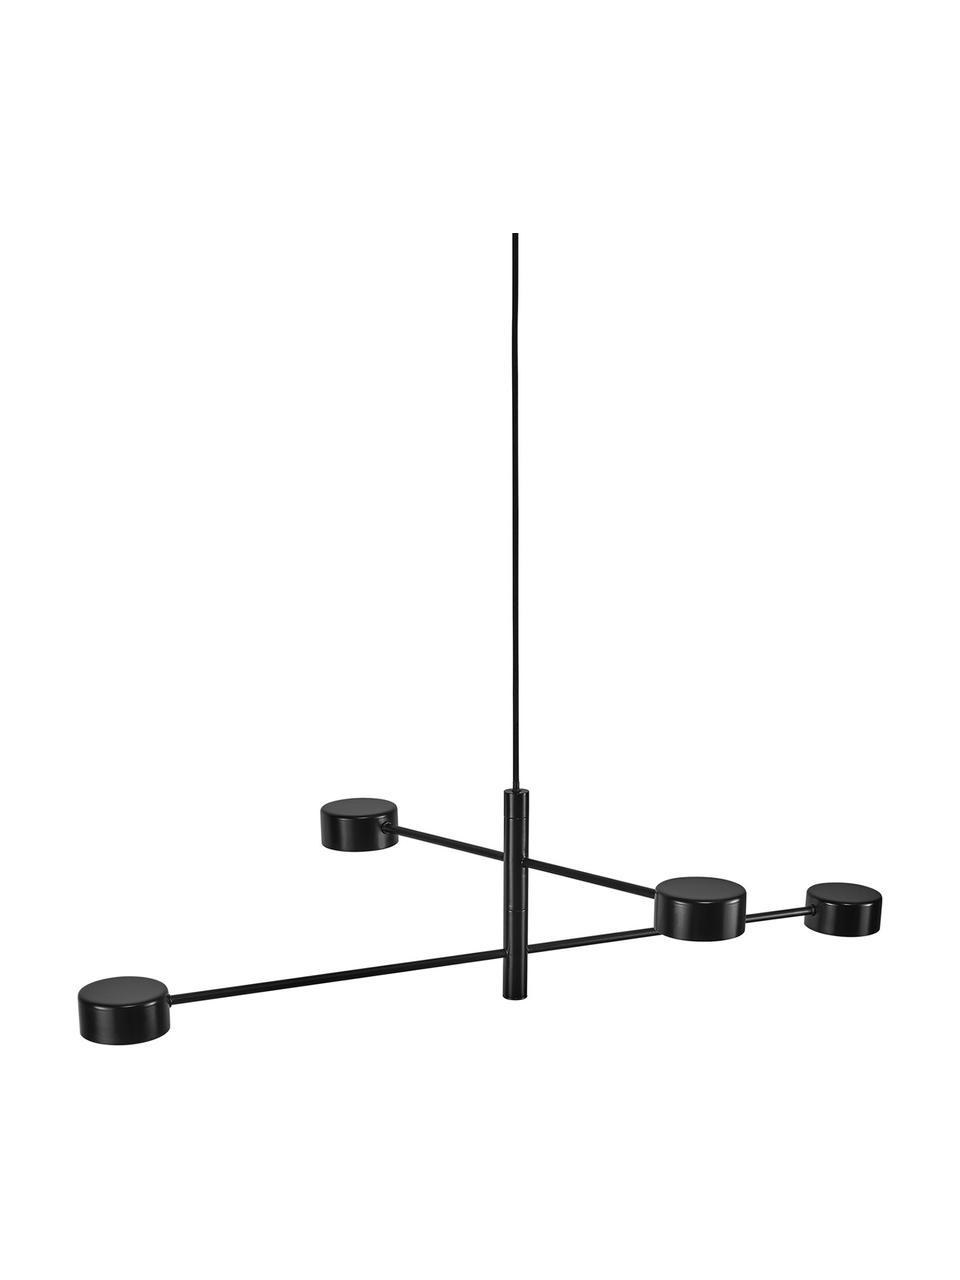 Grosse Dimmbare LED-Pendelleuchte Clyde, Lampenschirm: Metall, beschichtet, Baldachin: Metall, beschichtet, Schwarz, Ø 90 x H 22 cm